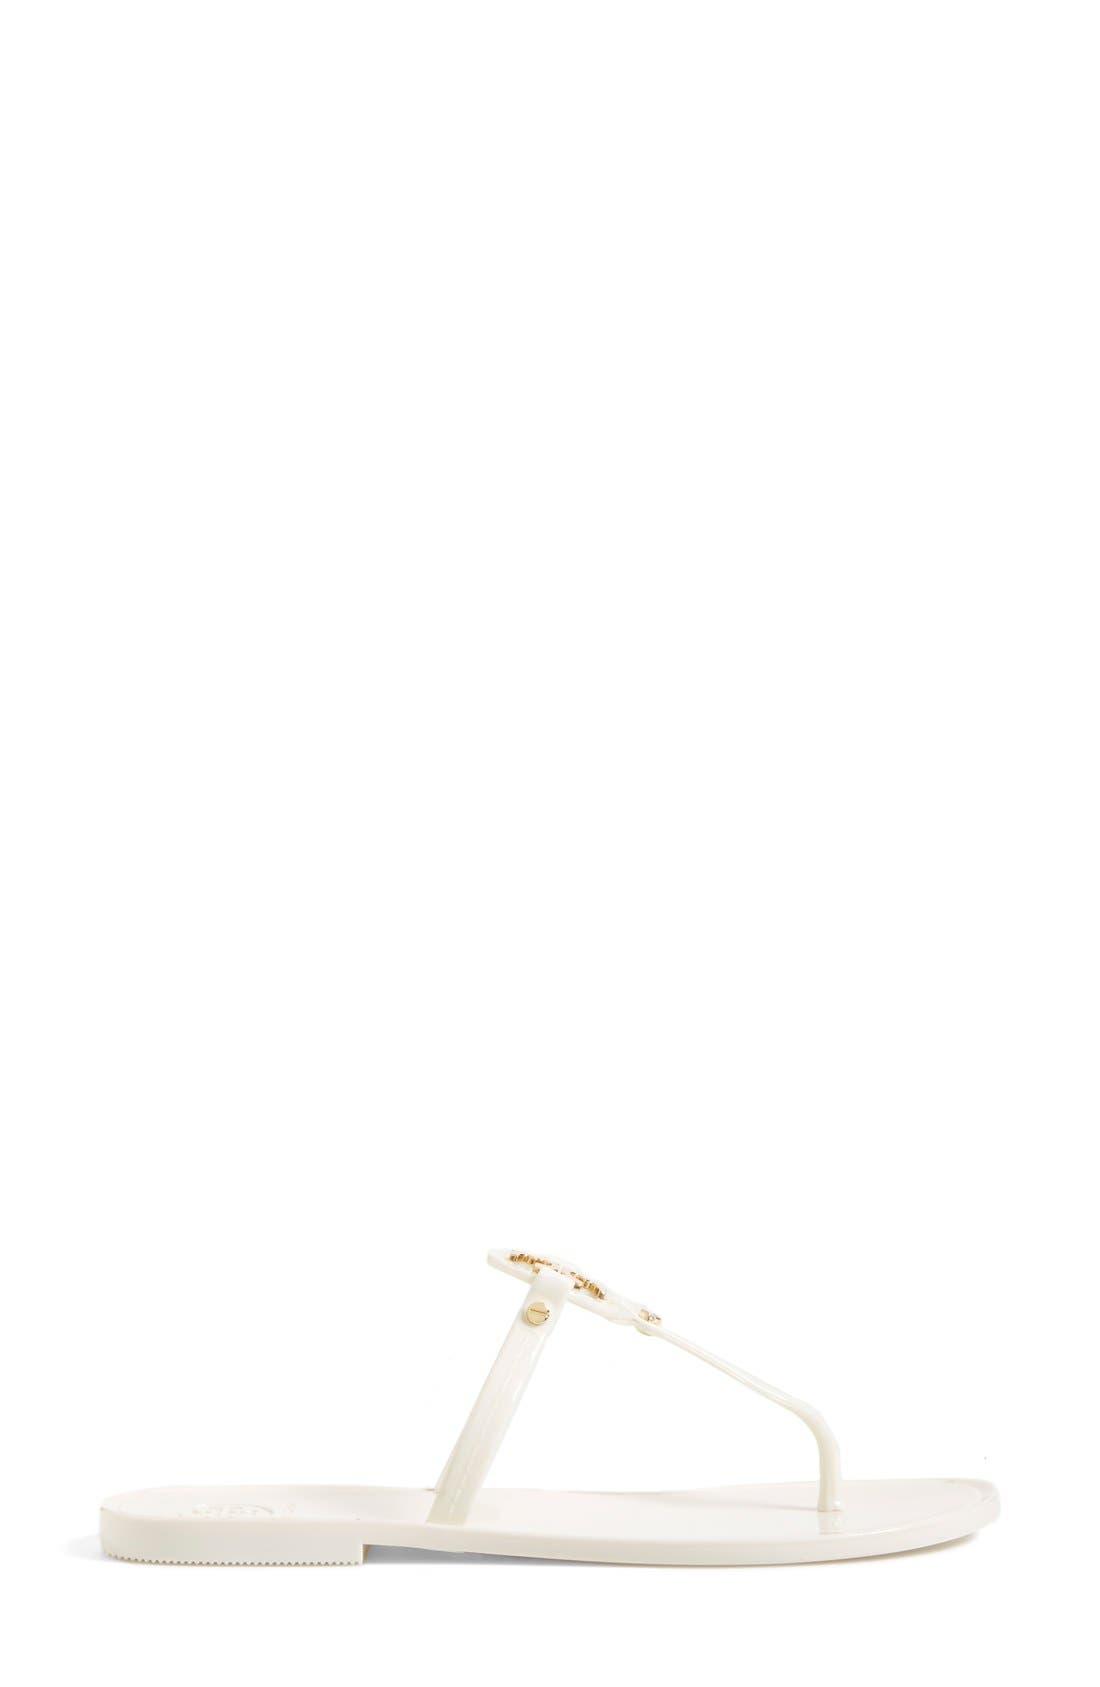 'Mini Miller' Flat Sandal,                             Alternate thumbnail 2, color,                             900